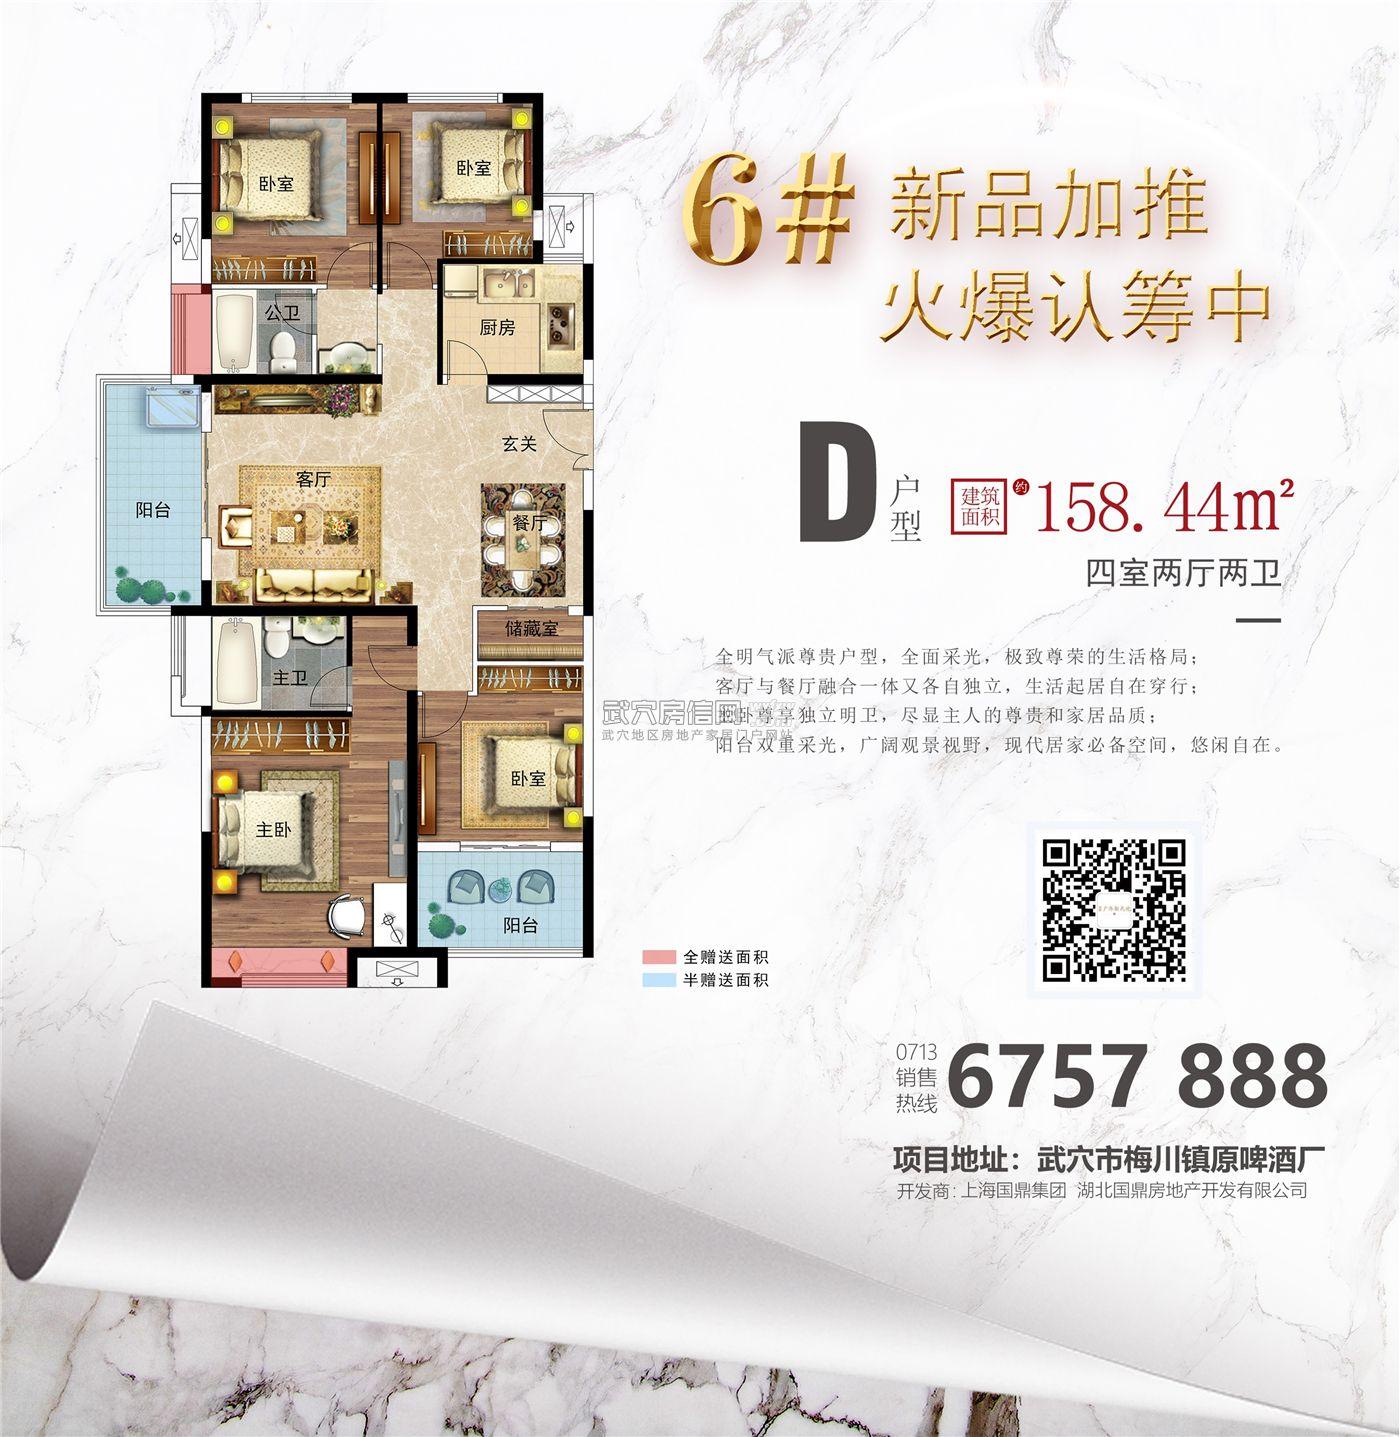 国鼎·广济新天地-6#楼D户型户型